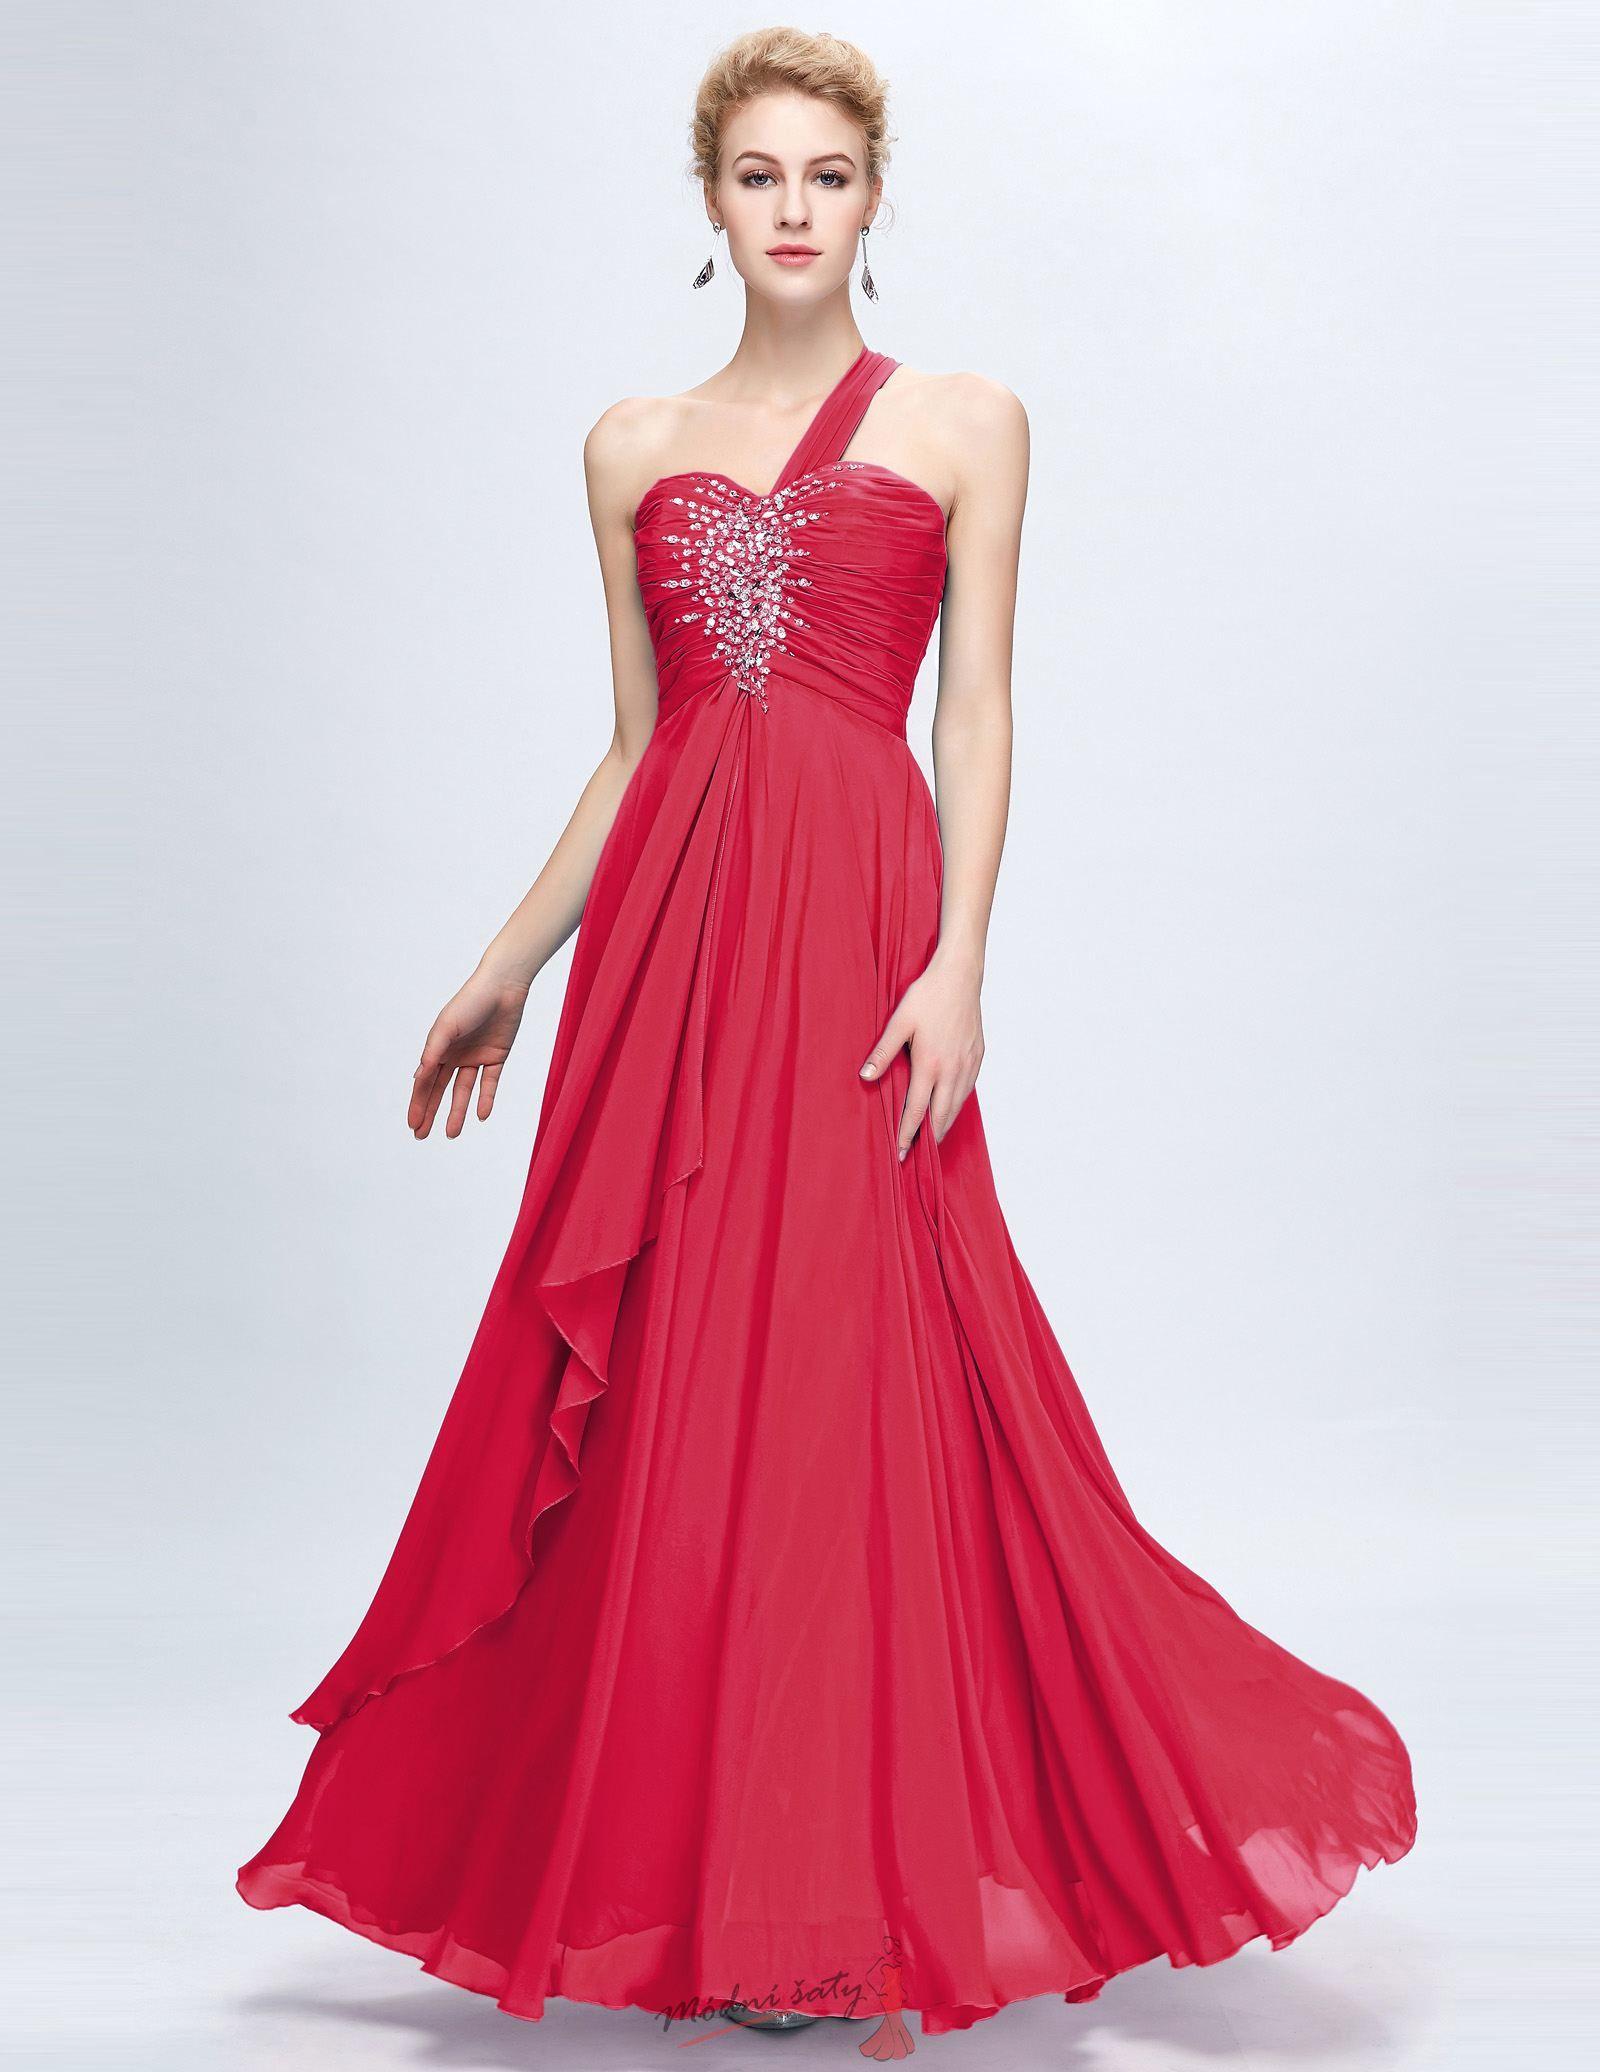 5bf8d2852e8b Vel. 32. Červené plesové šaty se stříbrnými kamínky